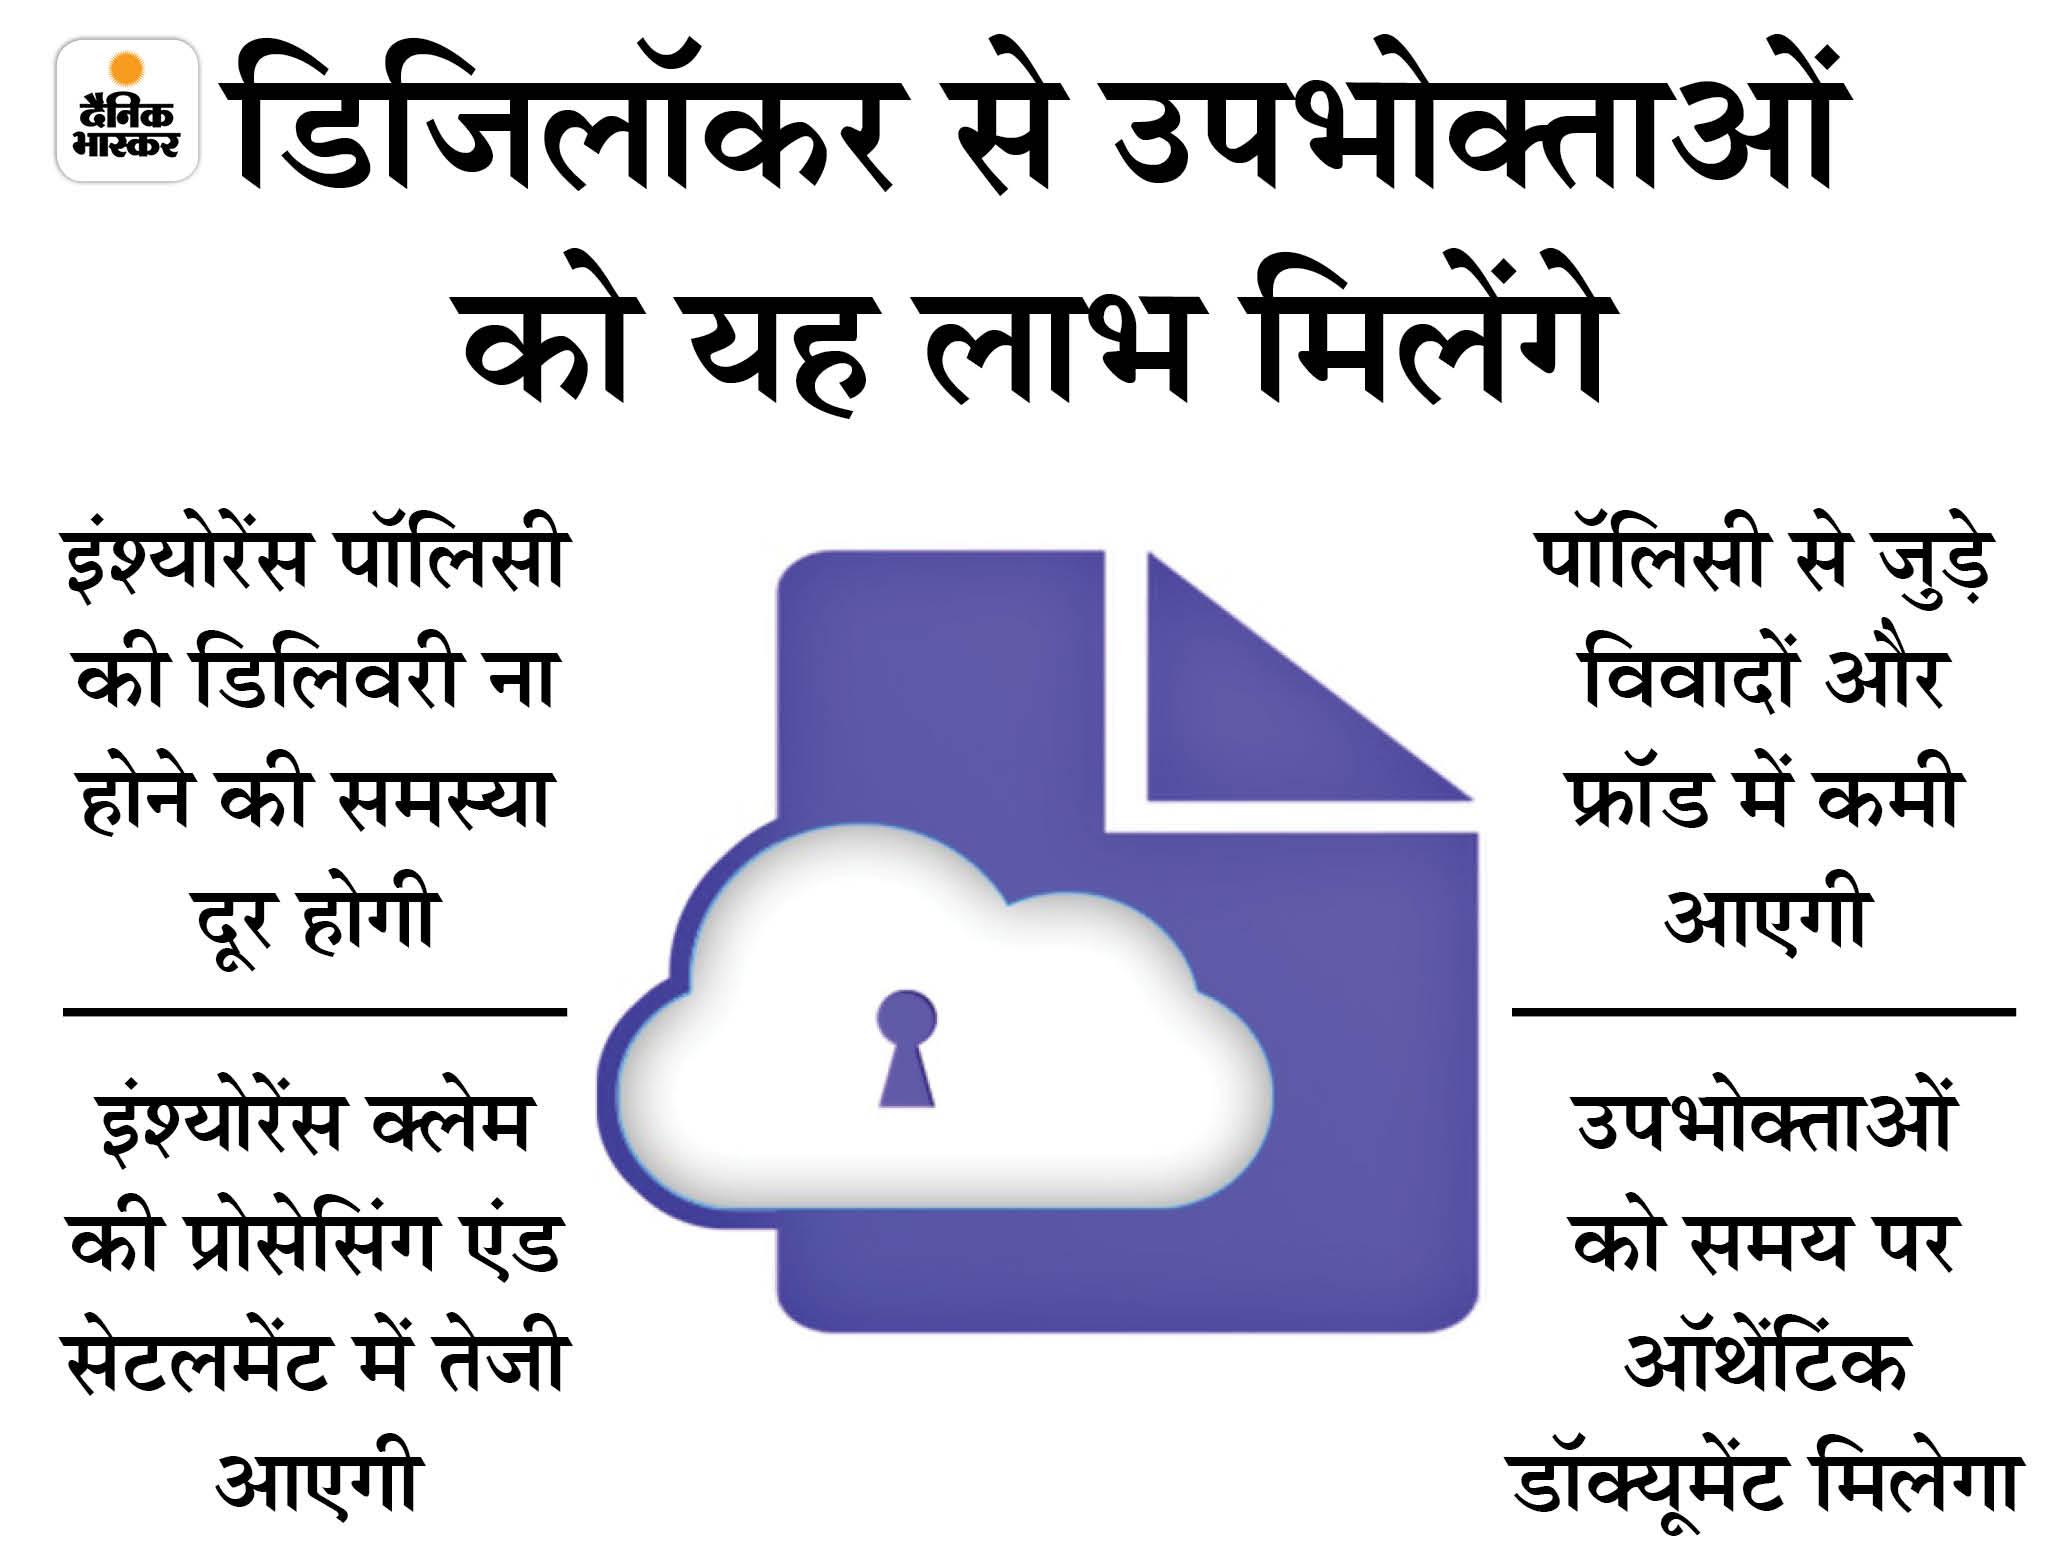 ग्राहकों को डिजिलॉकर के जरिए डिजिटल इंश्योरेंस पॉलिसी दी जाएं, इससे क्लेम प्रोसेसिंग में तेजी आएगी|बिजनेस,Business - Dainik Bhaskar